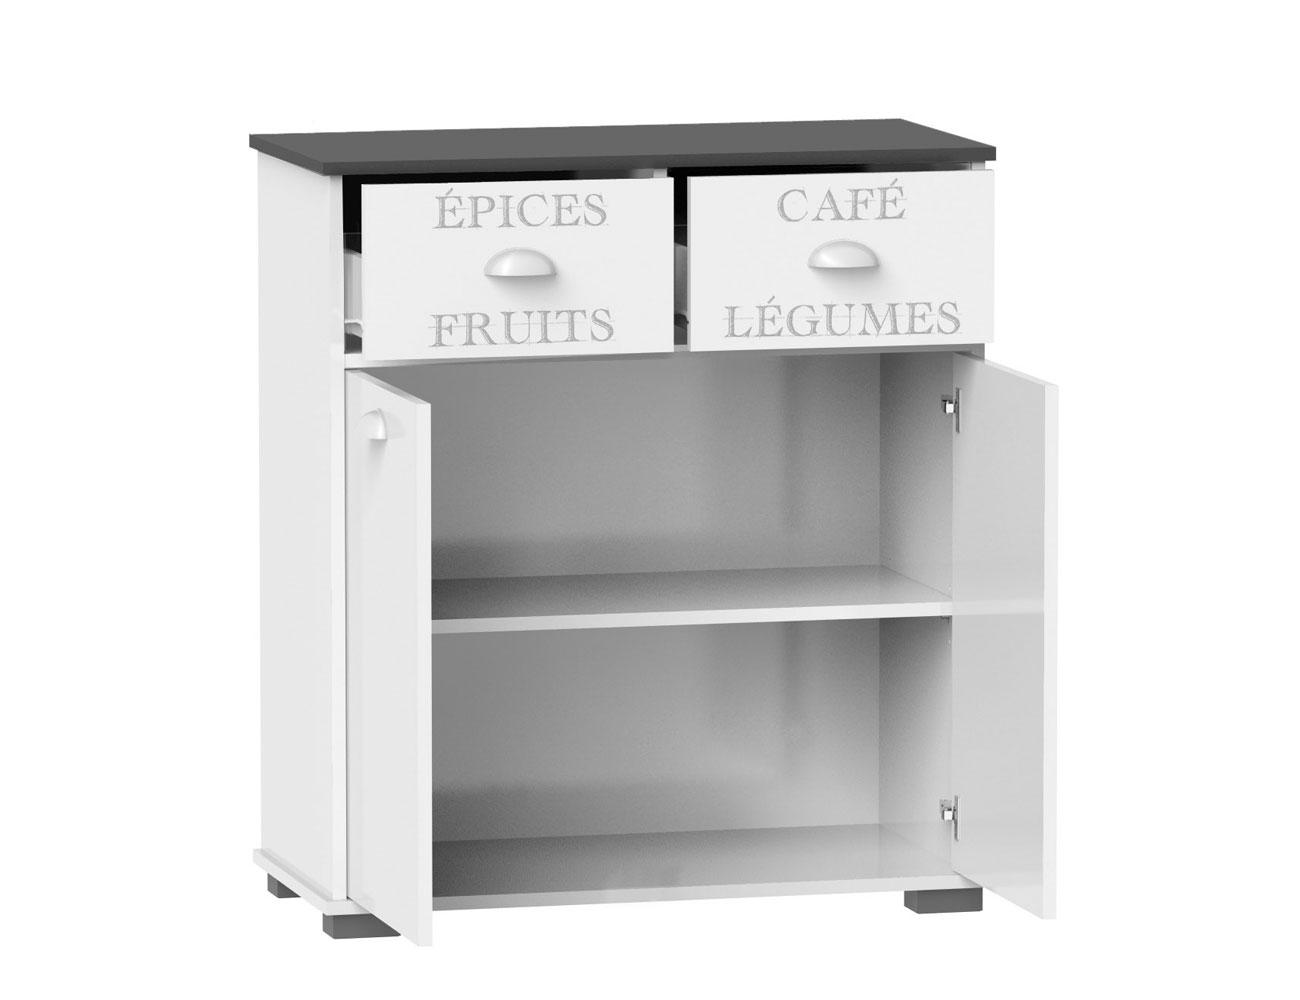 Mueble buffet de cocina de 90 cm de alto 3419 factory for Muebles de cocina de 70 o 90